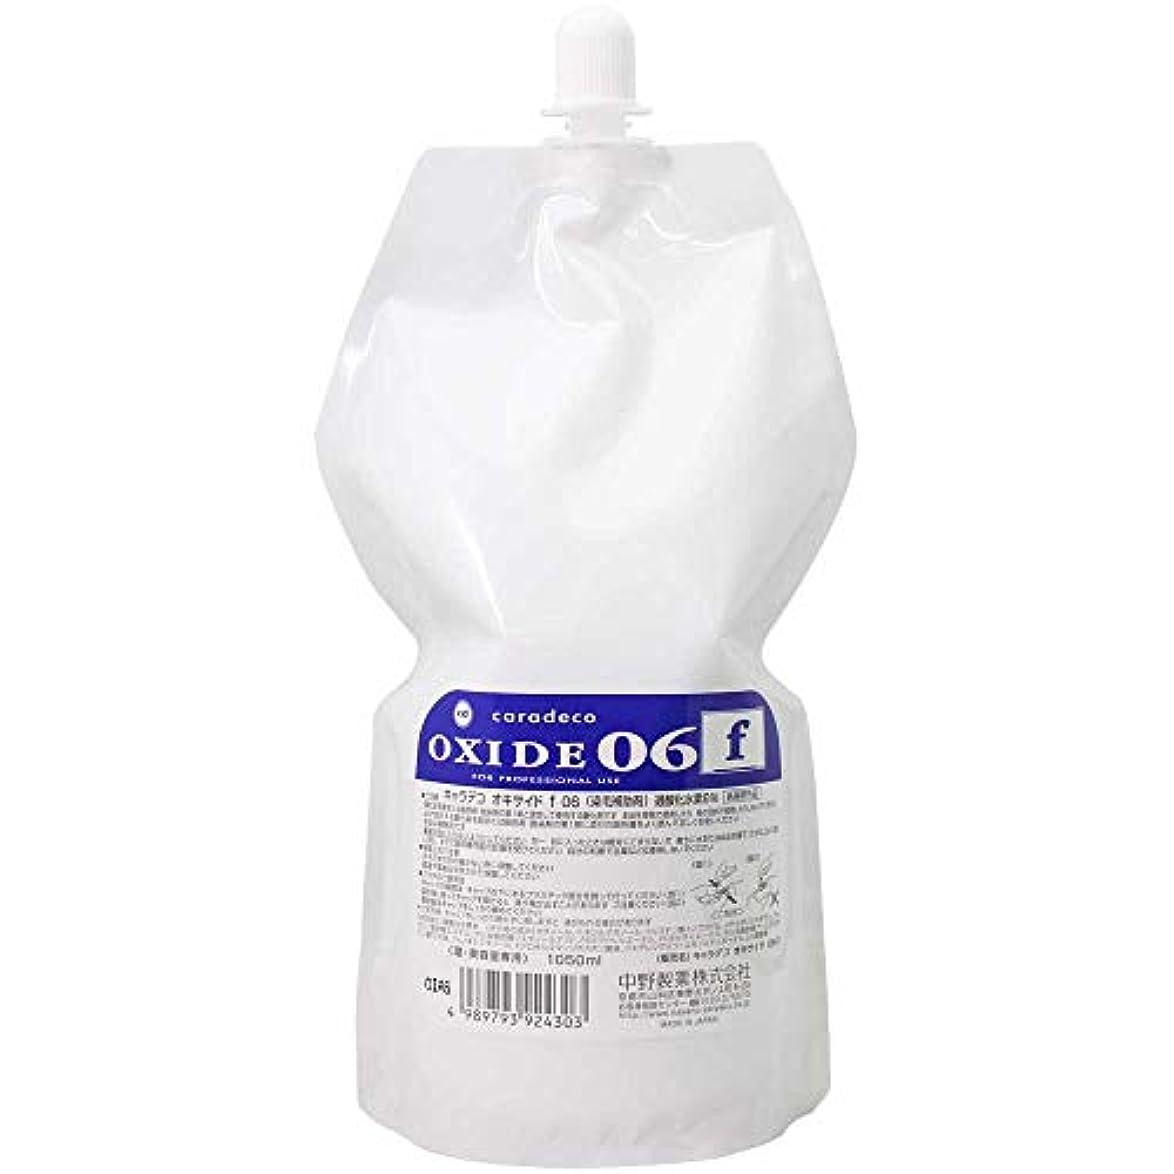 【ナカノ】キャラデコ オキサイドf 06 第2剤 (過酸化水素6%) 1050ml